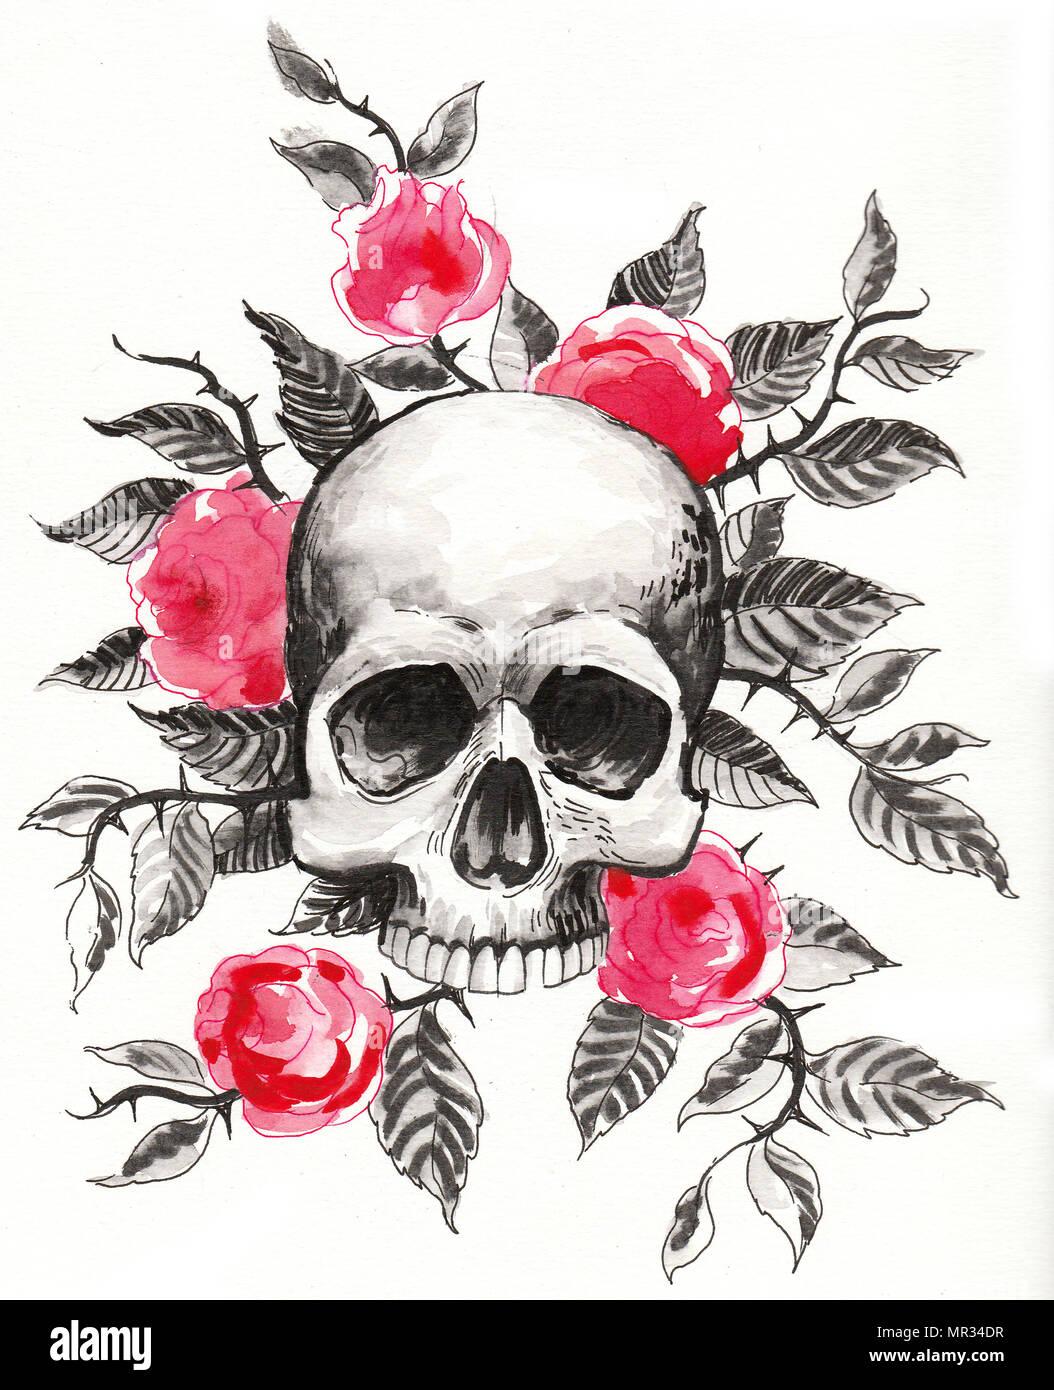 Craneo Y Rosas Rojas Tinta Y Acuarela Dibujo Foto Imagen De Stock